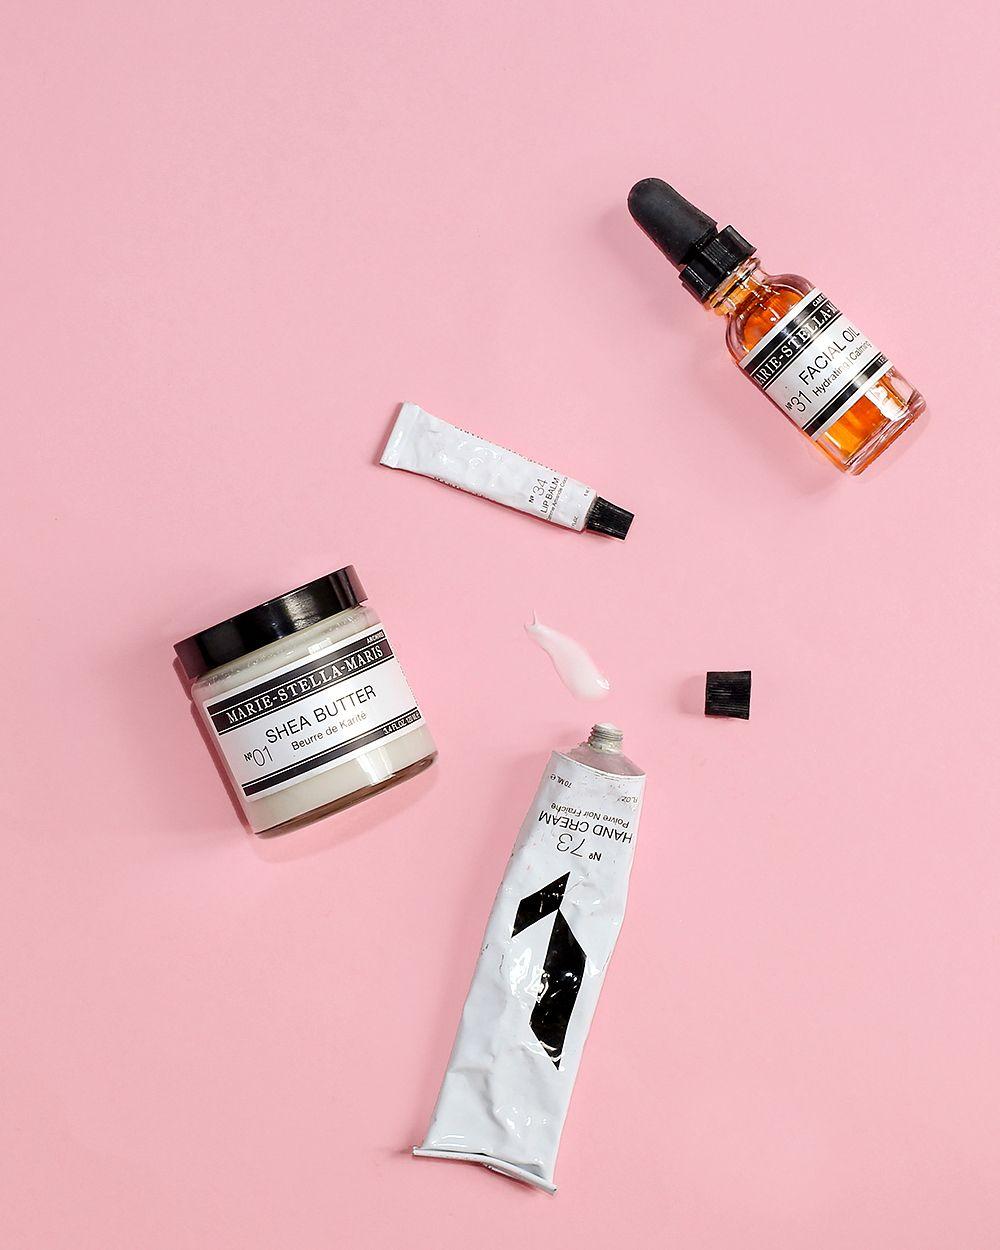 Smart And Natural Skincare Www Gadriana Com Marie Stella Maris Natural Skin Care Skincare Inspiration Skin Care